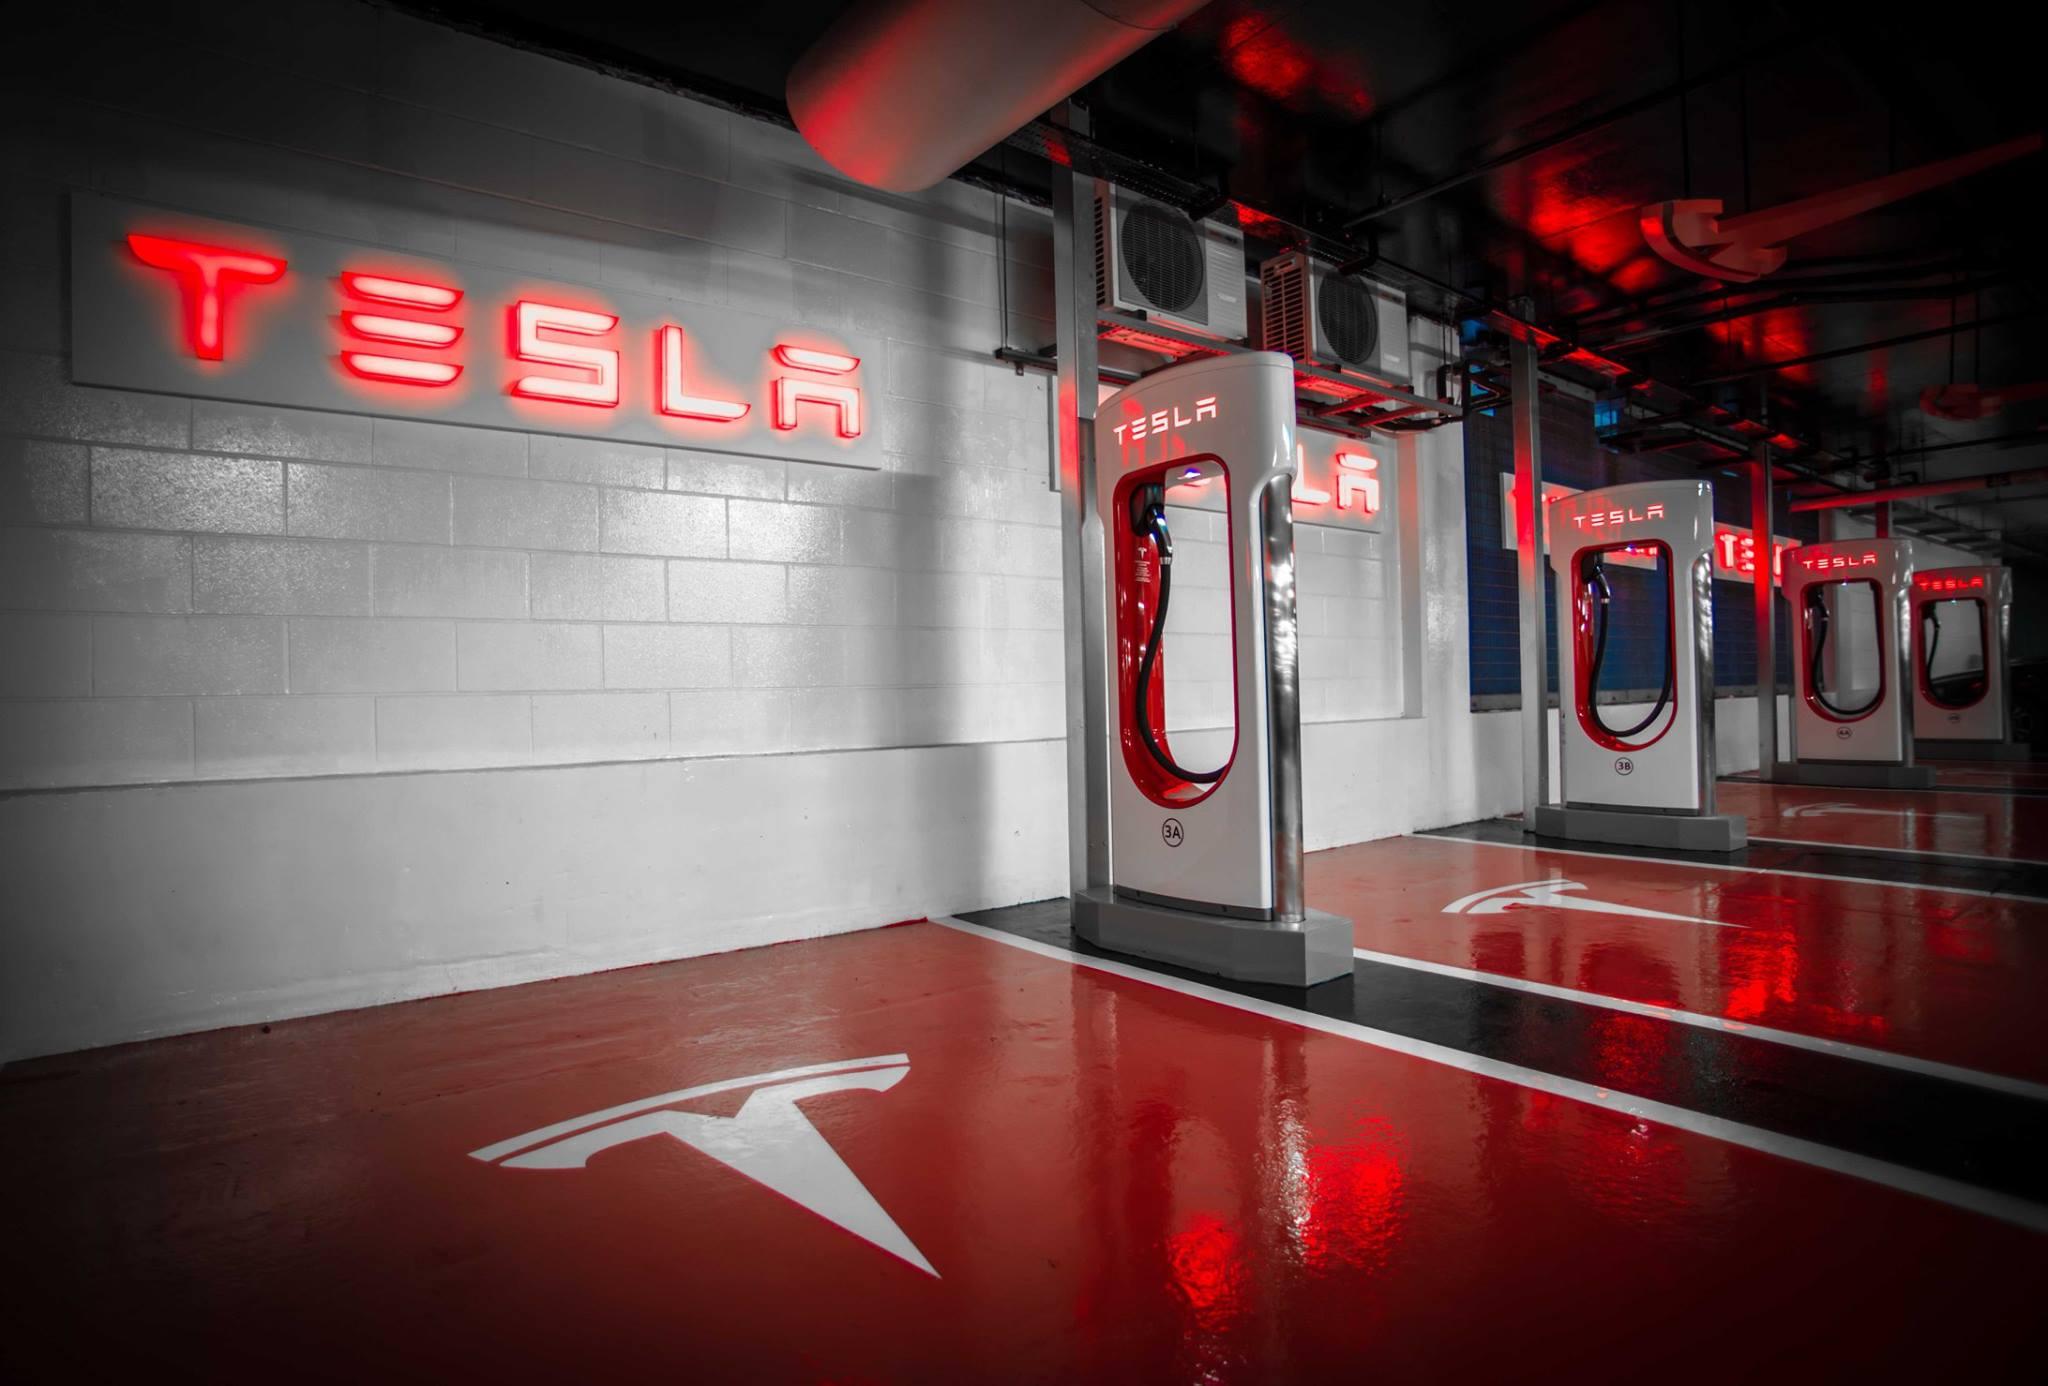 Распаковка Elon Musk и текущая проблема PR в Тесле